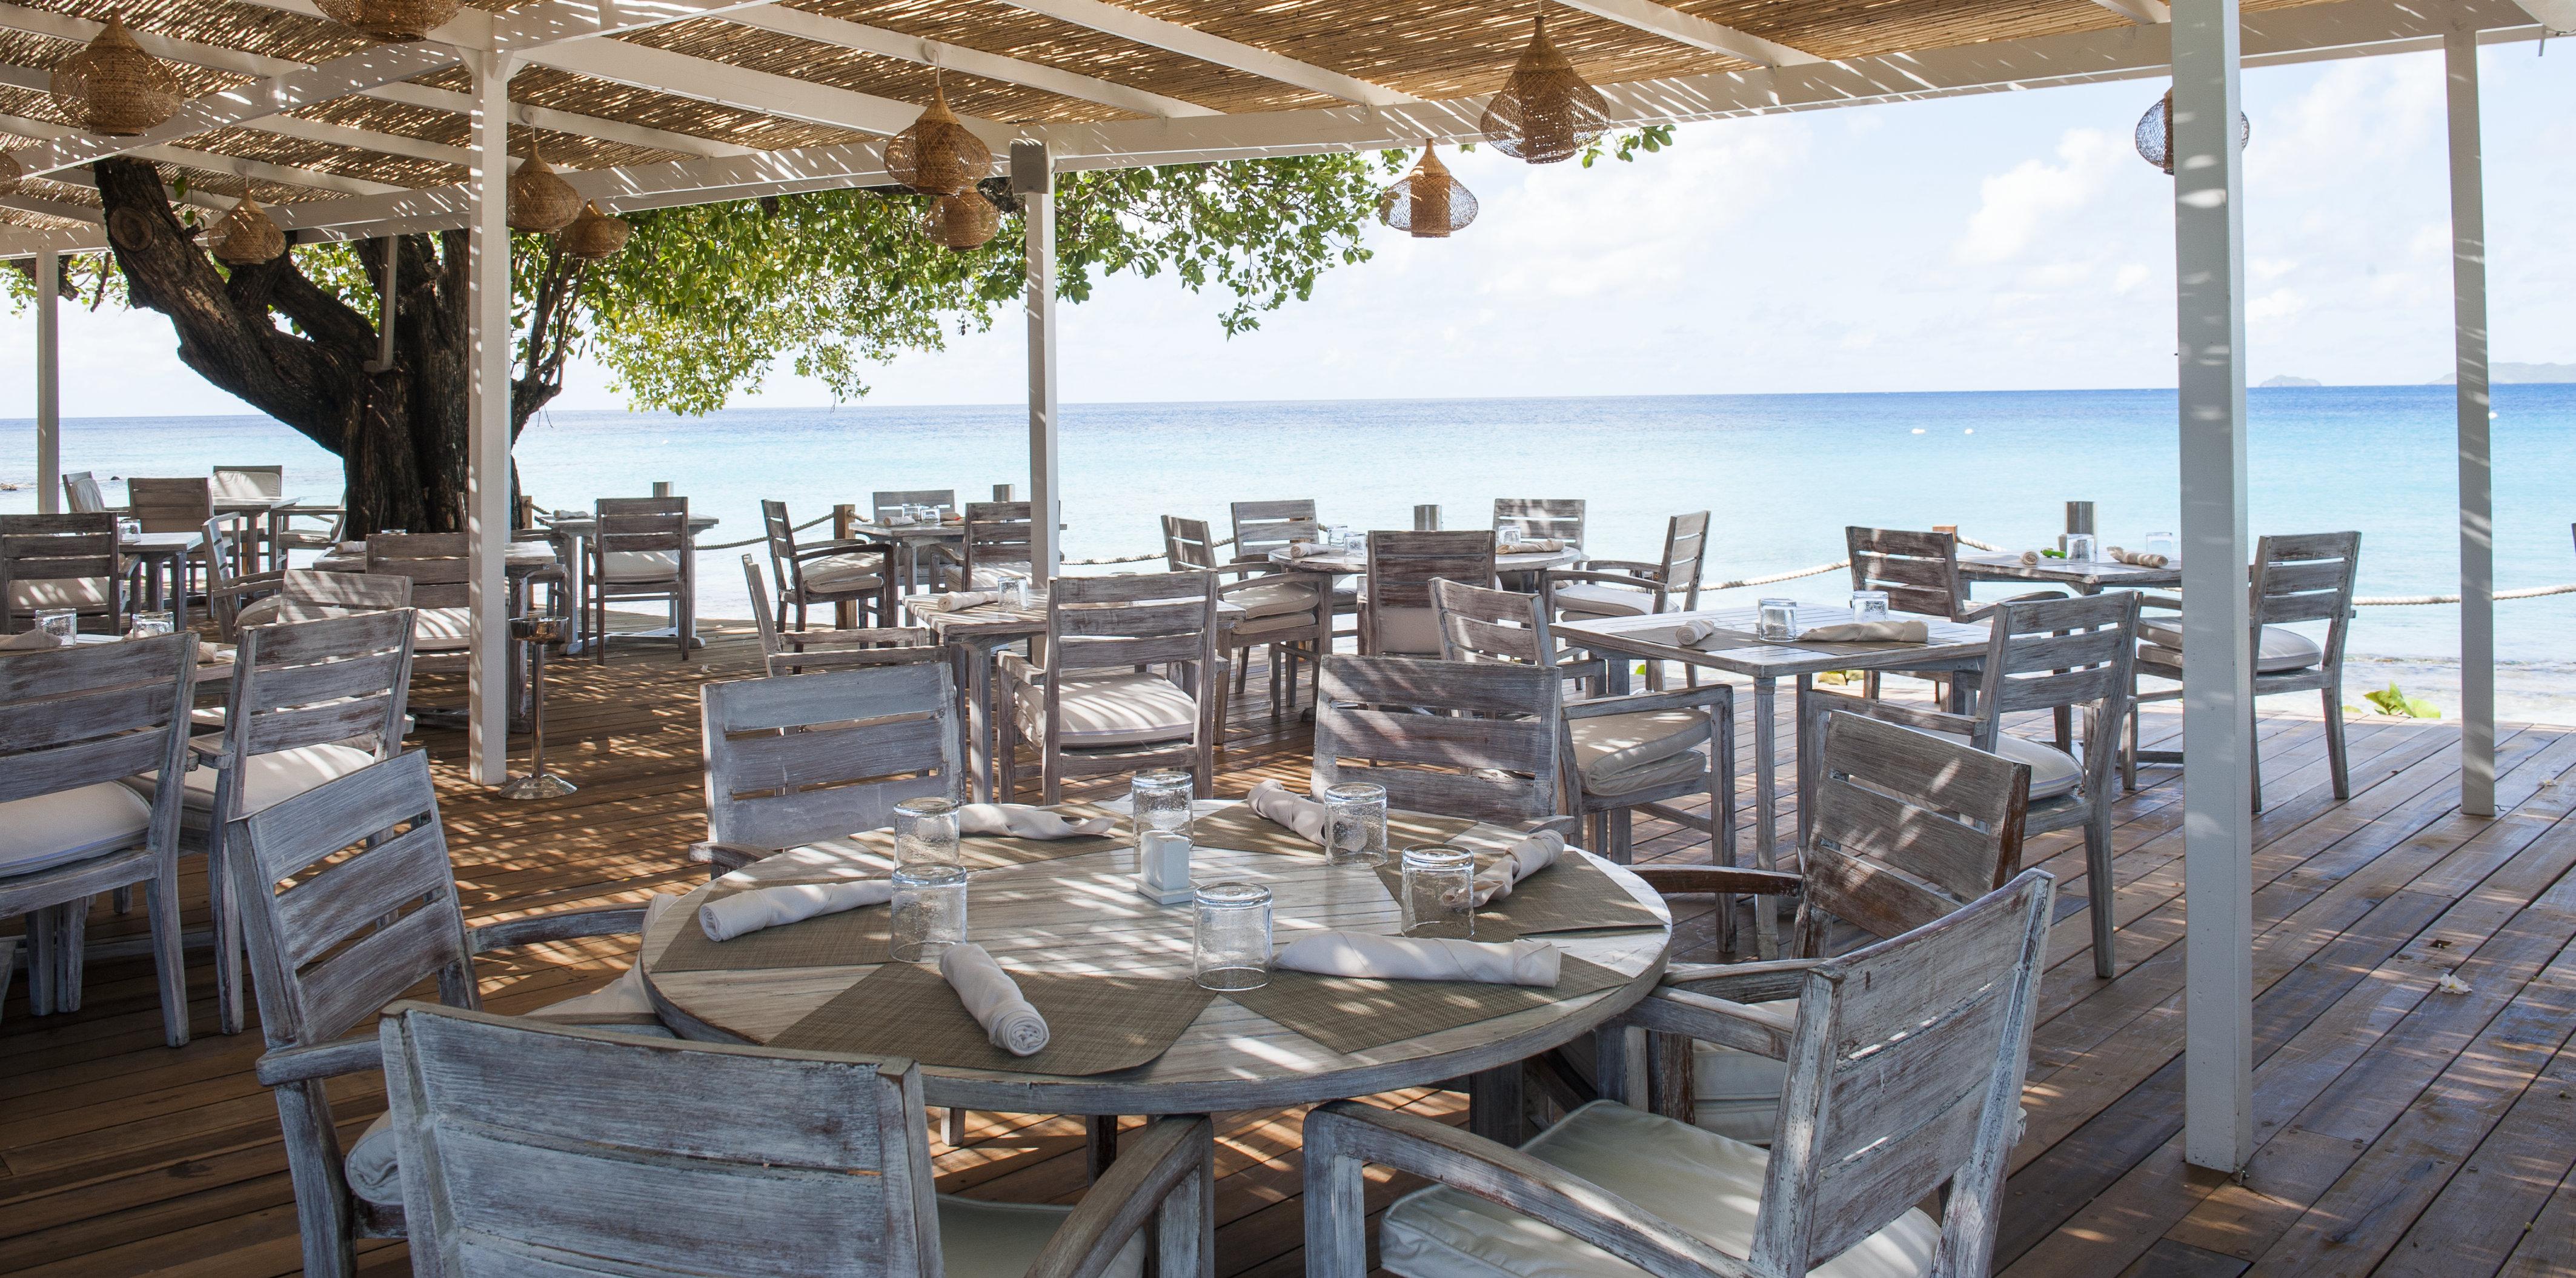 mustique-cotton-house-beach-cafe